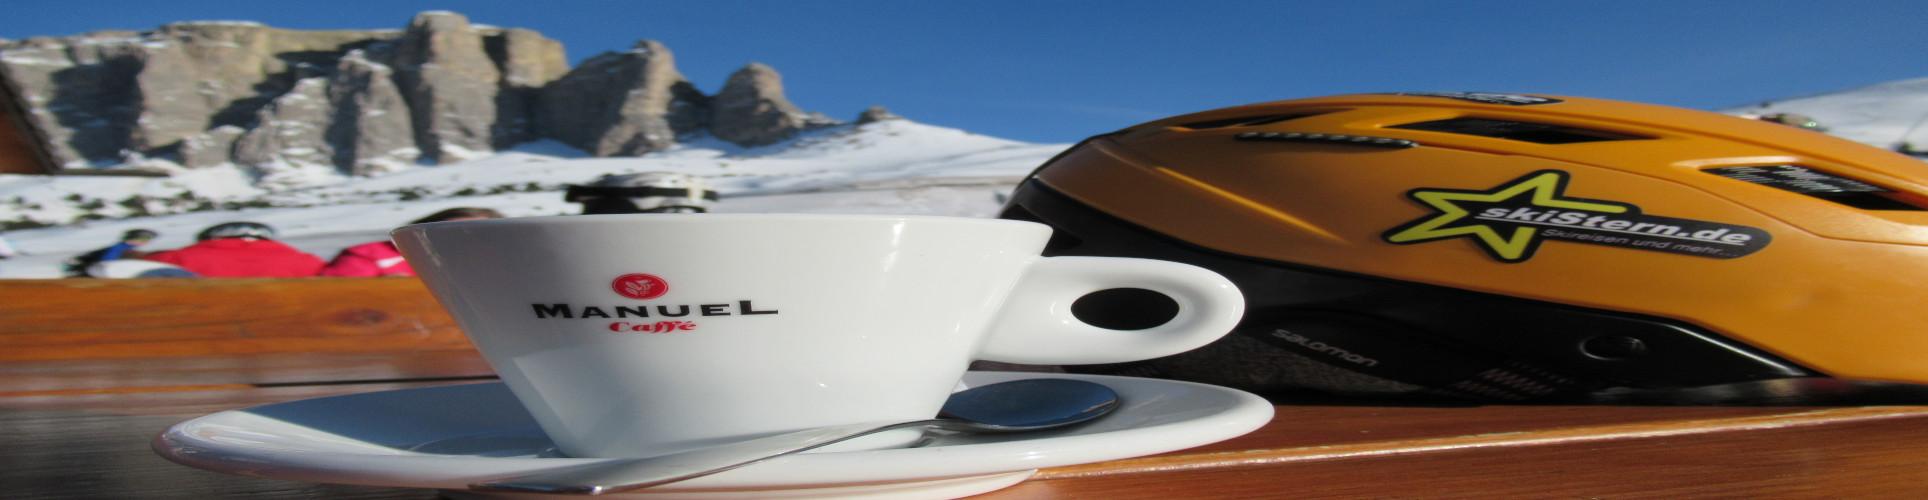 SÜDTIROL – DOLOMITI SUPERSKI – Verlängertes Skiwochenende- über das Faschingswochenende